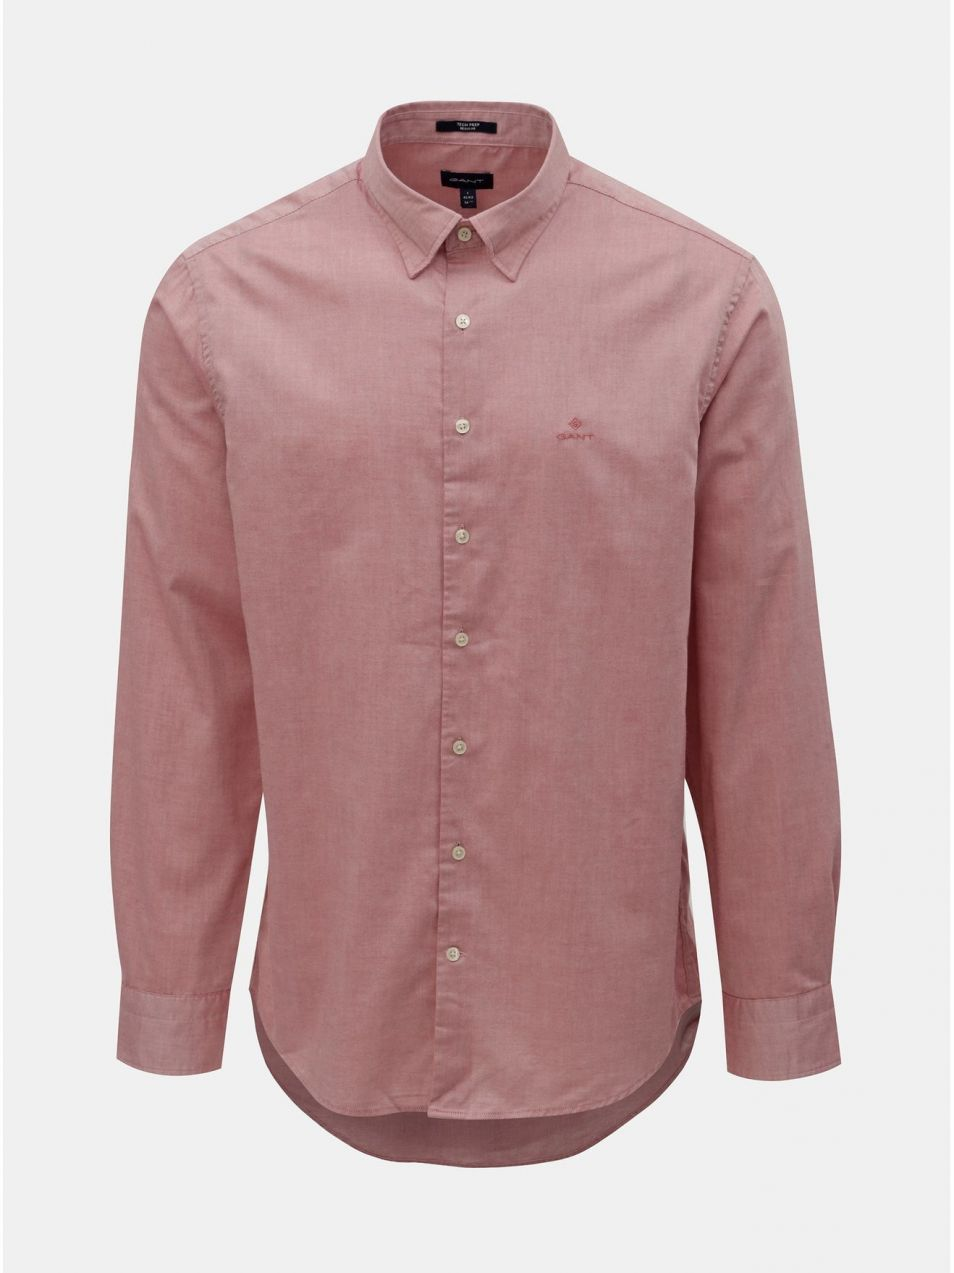 96b61d5a910d Ružová pánska regular fit košeľa GANT značky Gant - Lovely.sk